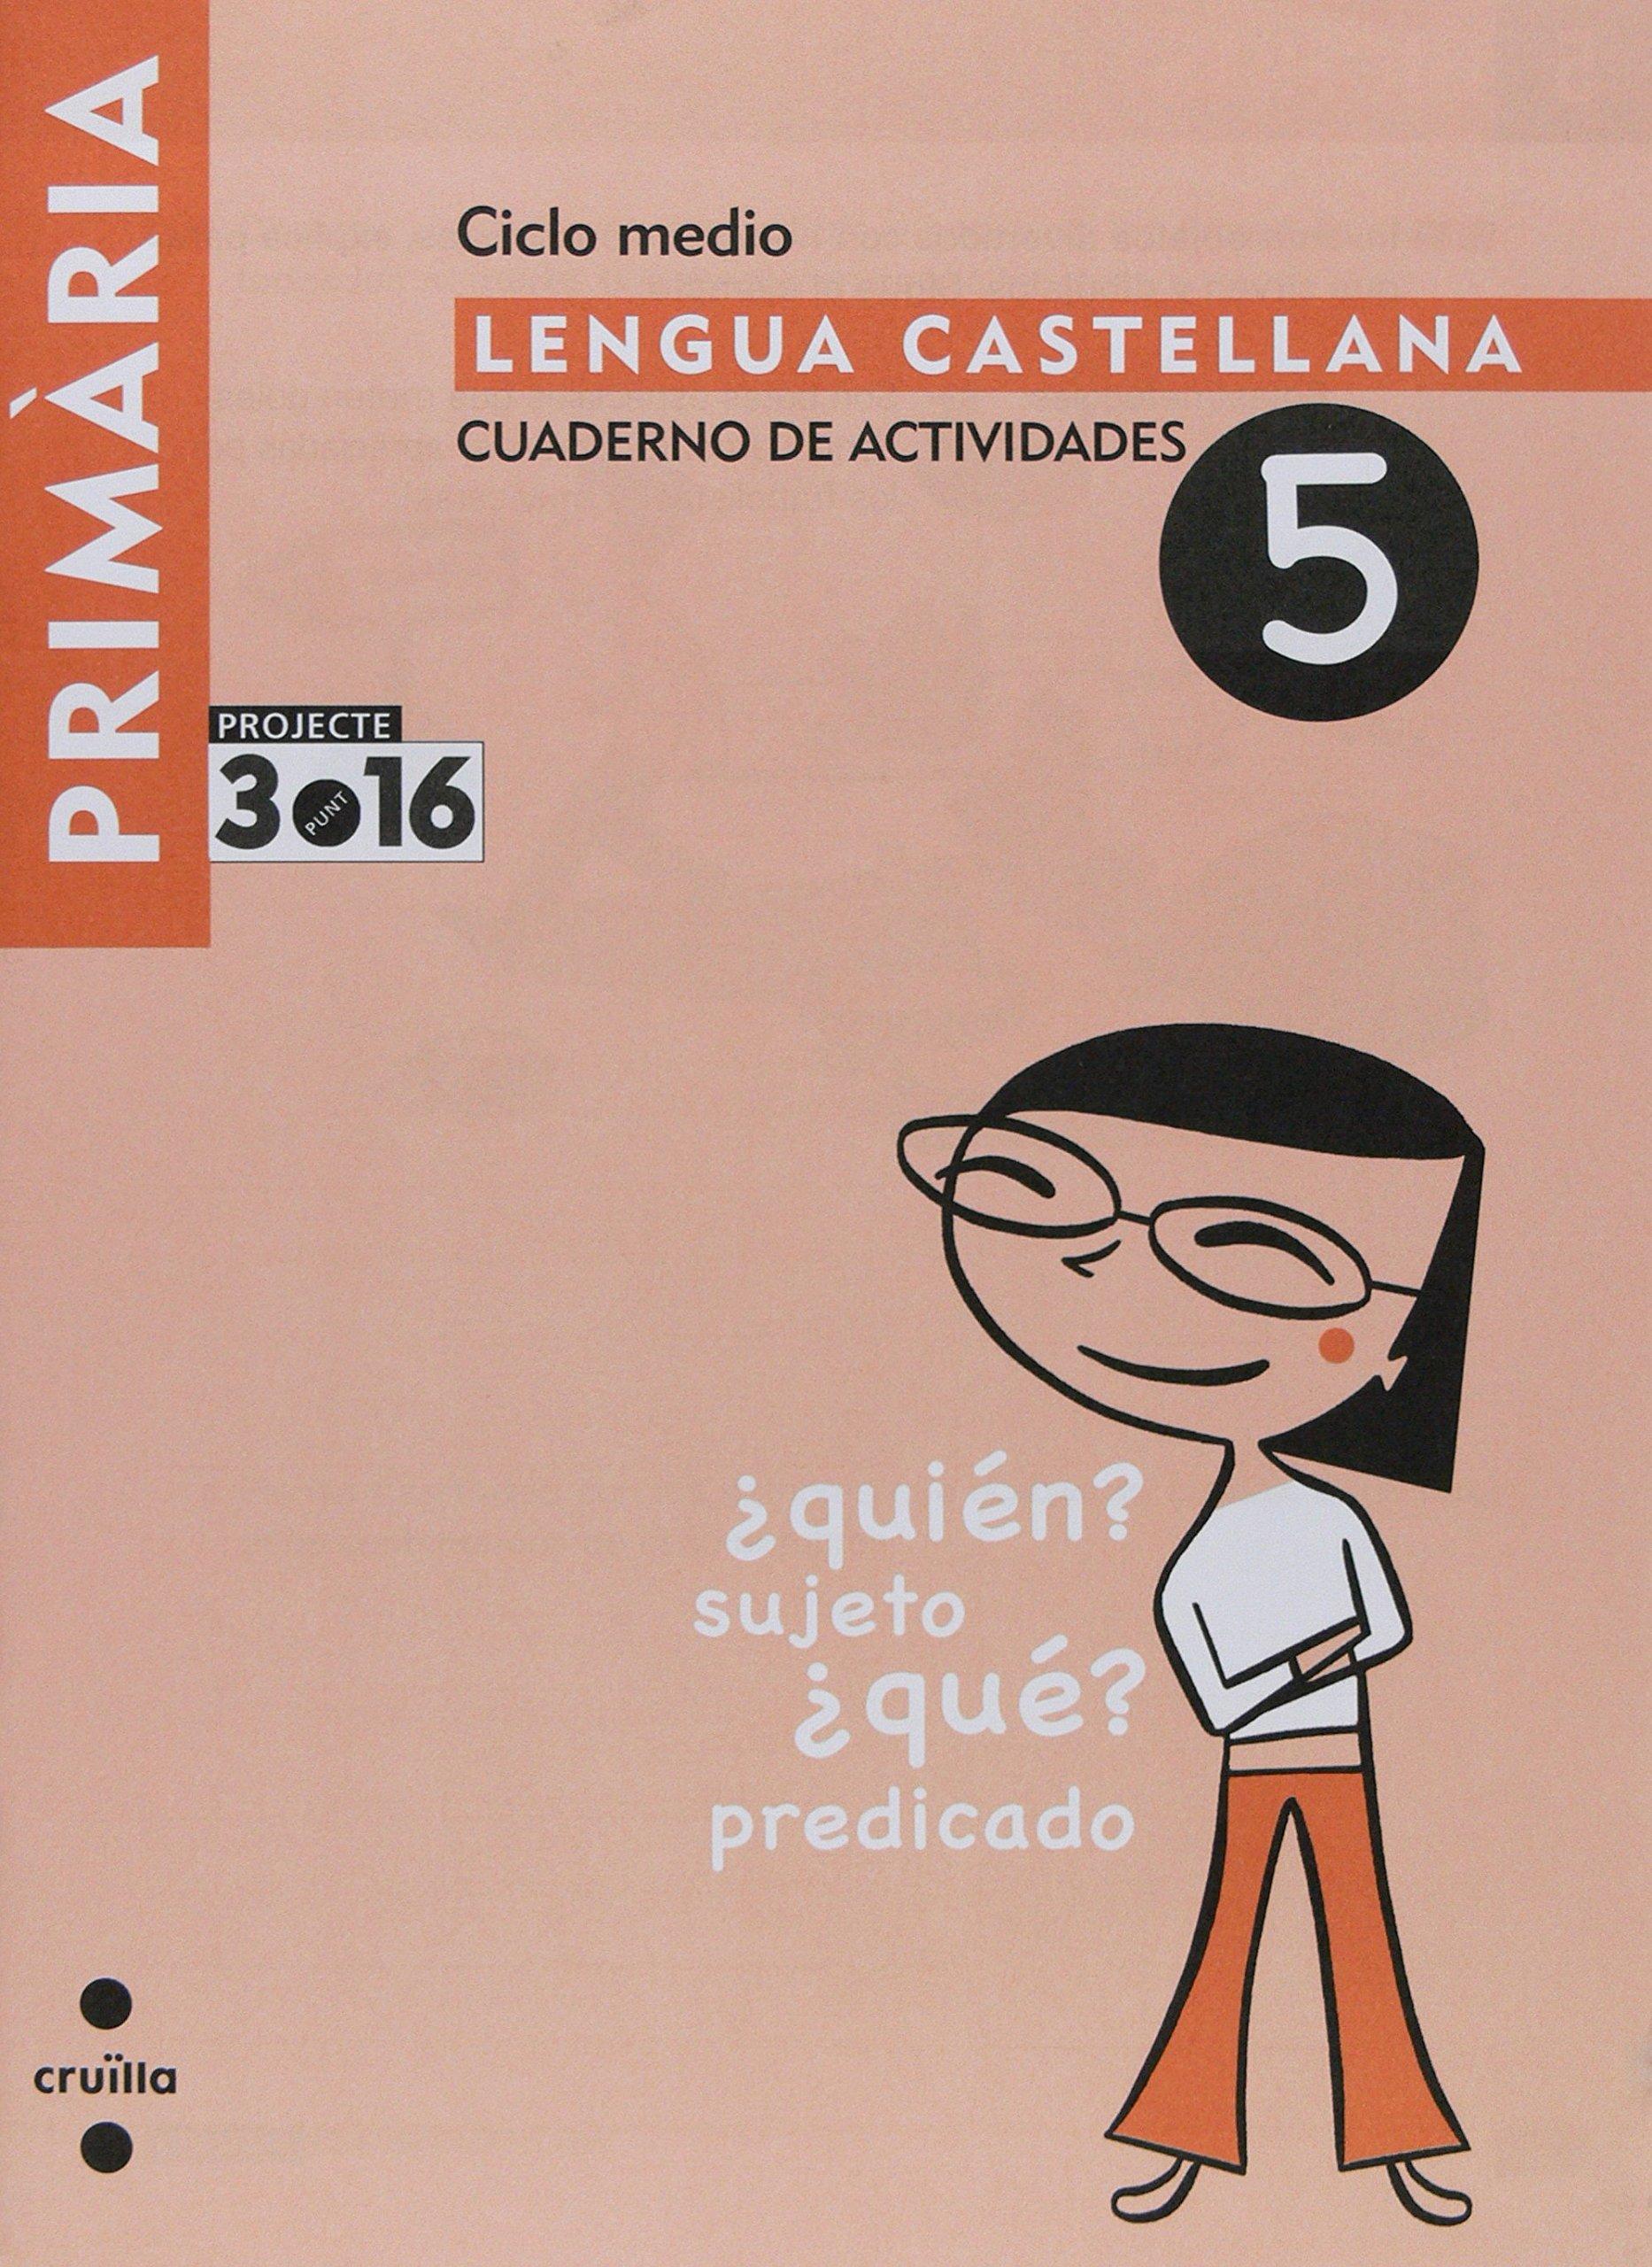 Lengua castellana. Cuaderno de actividades 5. Ciclo medio. Projecte 3.16 - 9788466119283: Amazon.es: Equip Editorial Cruïlla, Emma Schmid, Montserrat Nieto ...